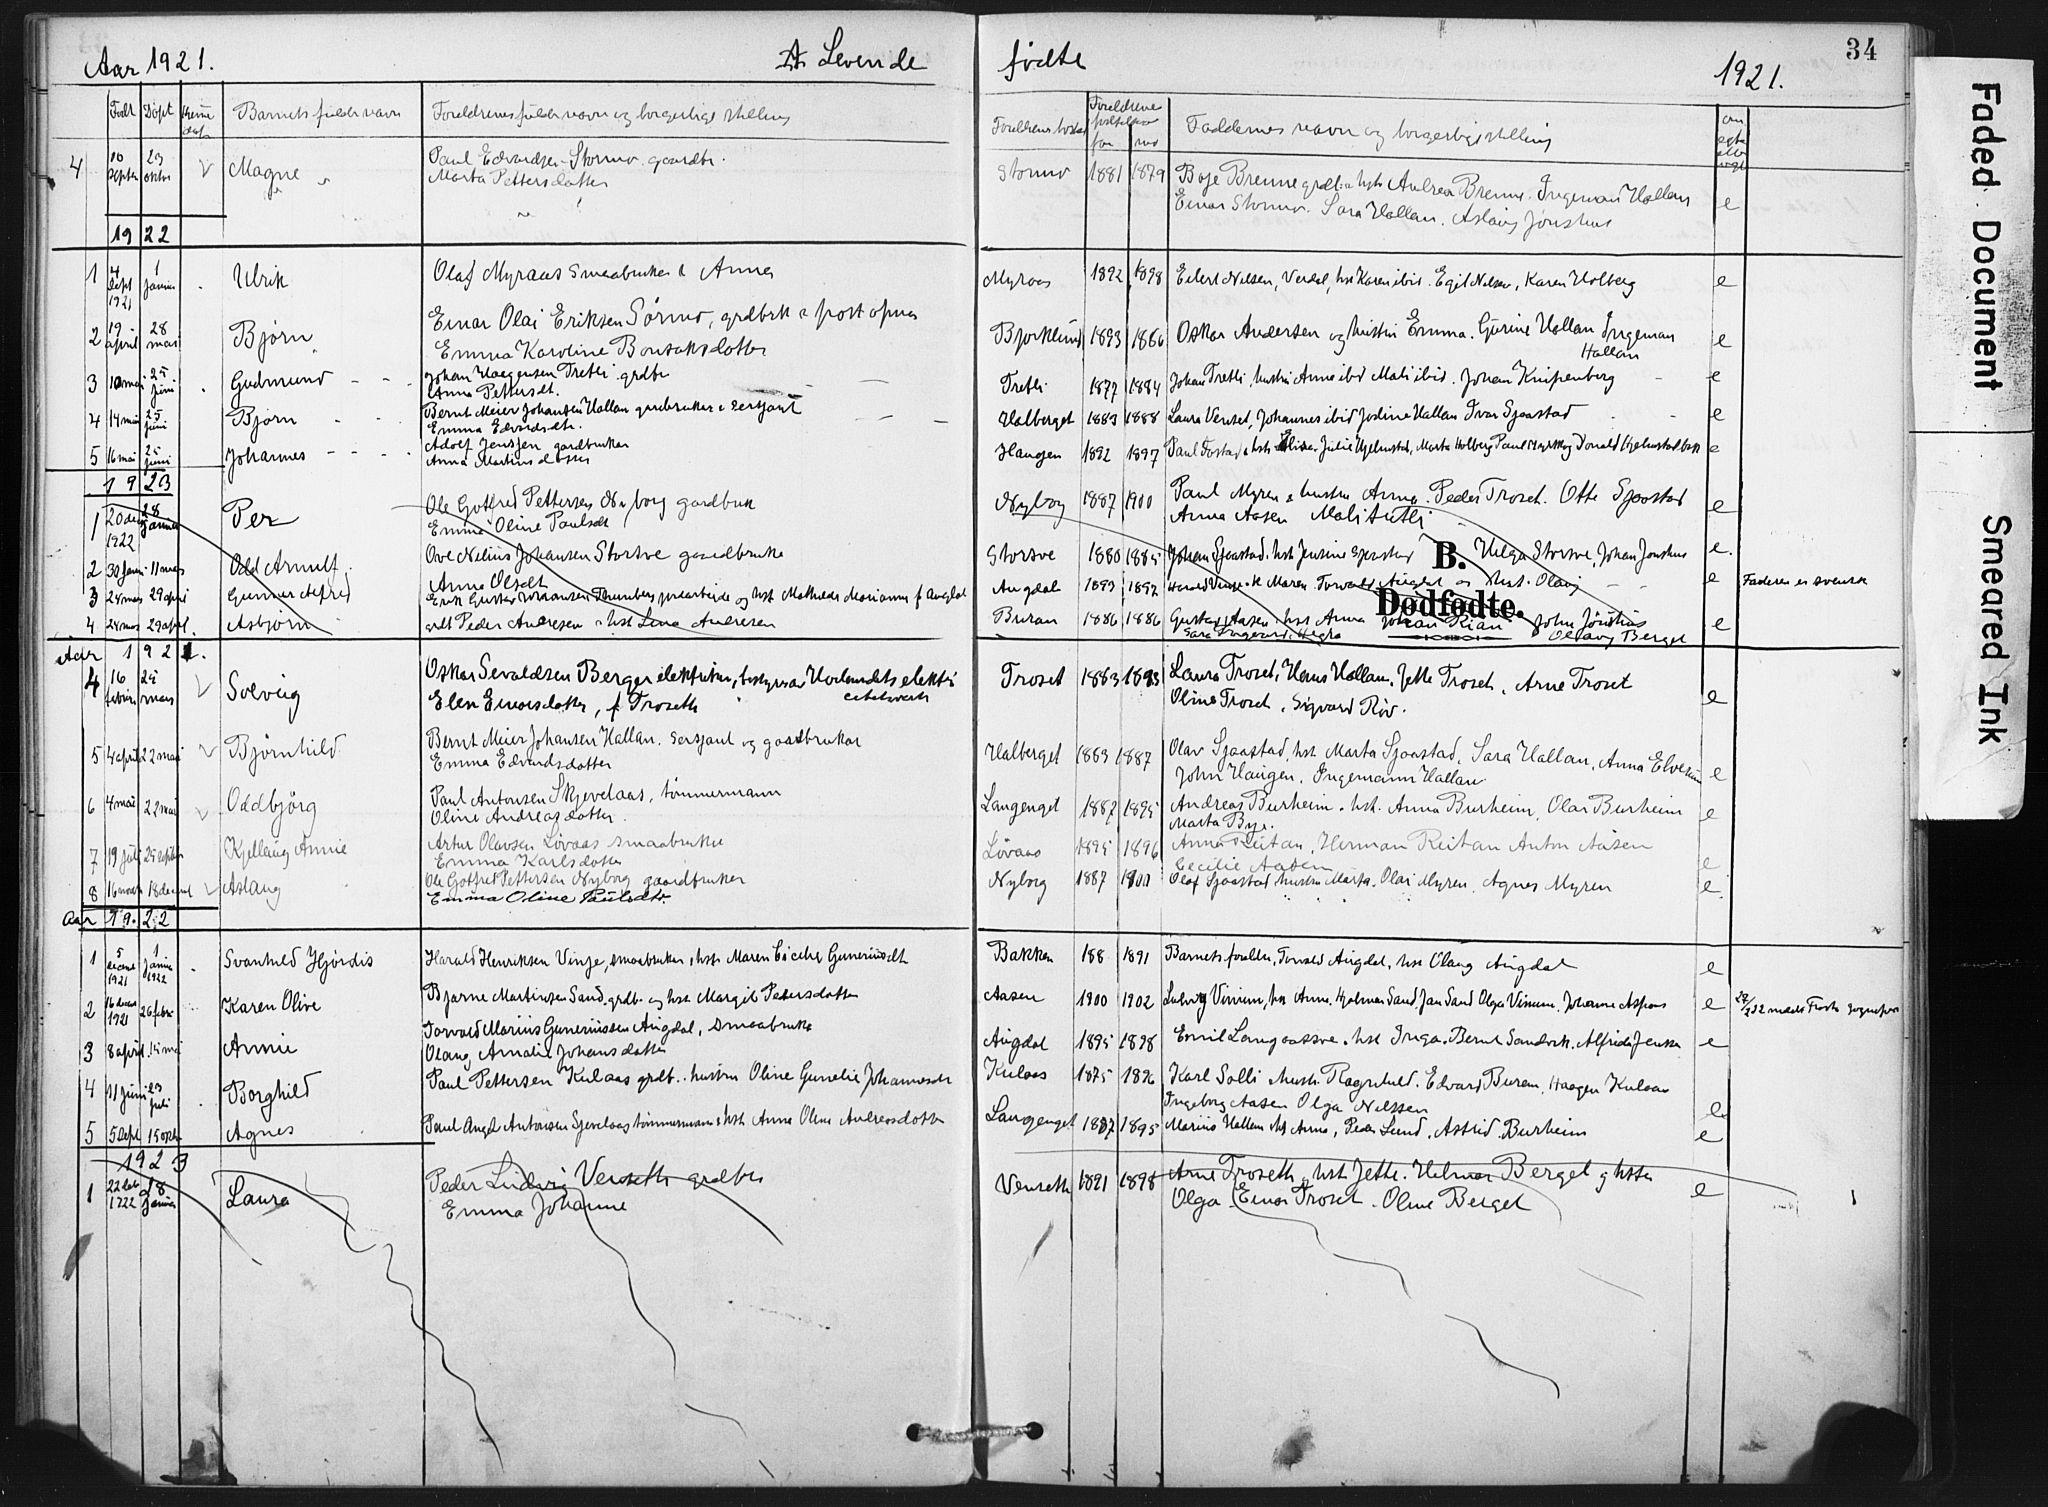 SAT, Ministerialprotokoller, klokkerbøker og fødselsregistre - Nord-Trøndelag, 718/L0175: Ministerialbok nr. 718A01, 1890-1923, s. 34